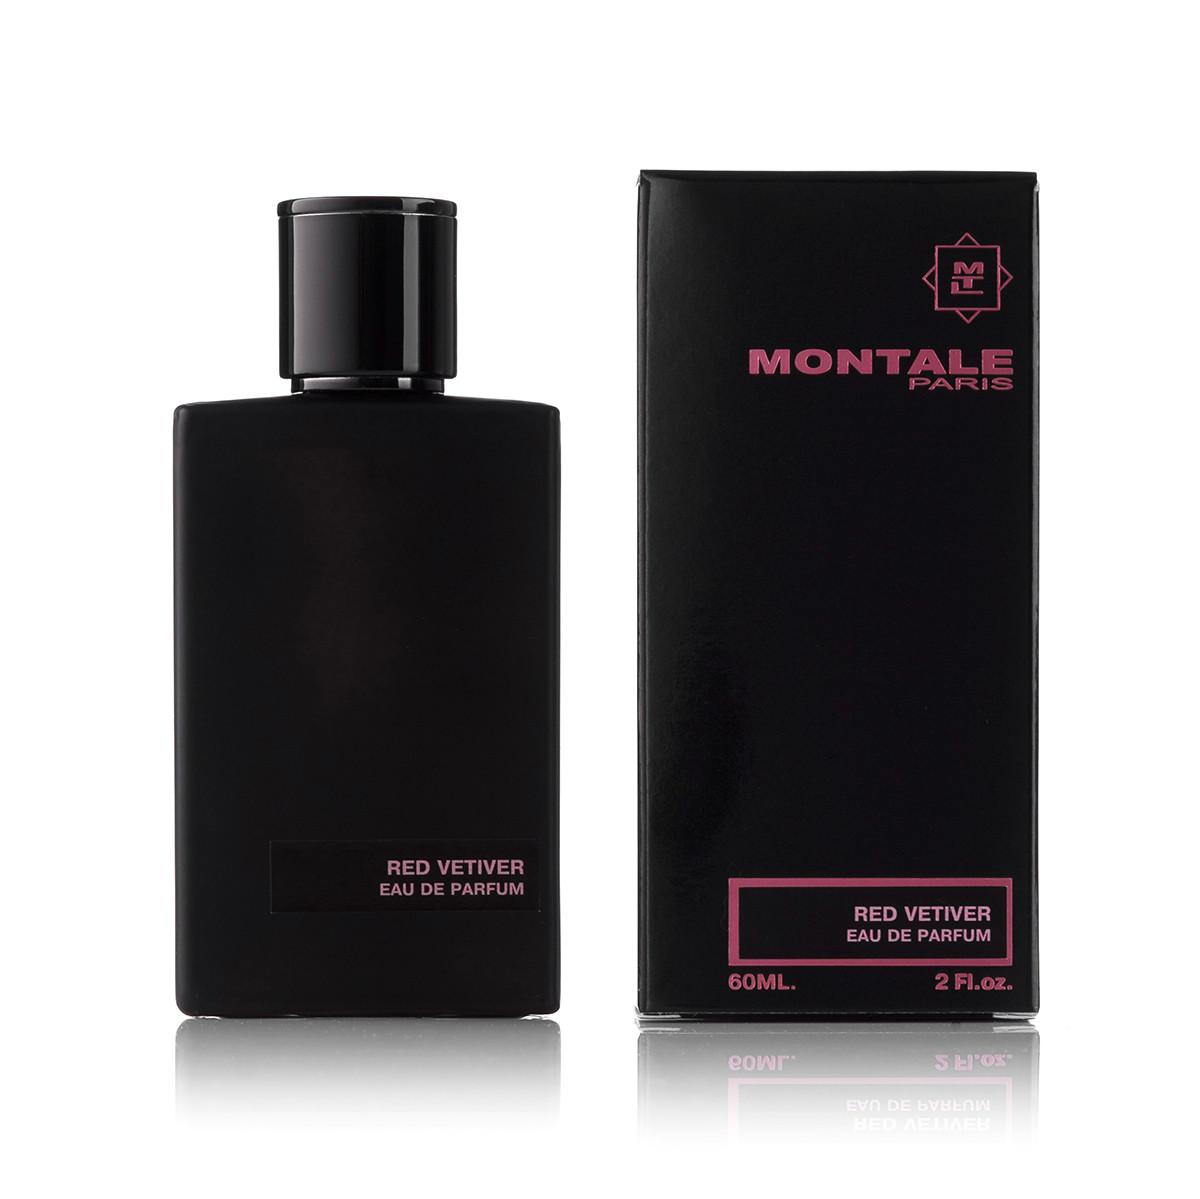 Montale Red Vetiver парфюмерия женская тестер 60 ml с феромонами в цветной упаковке (реплика)